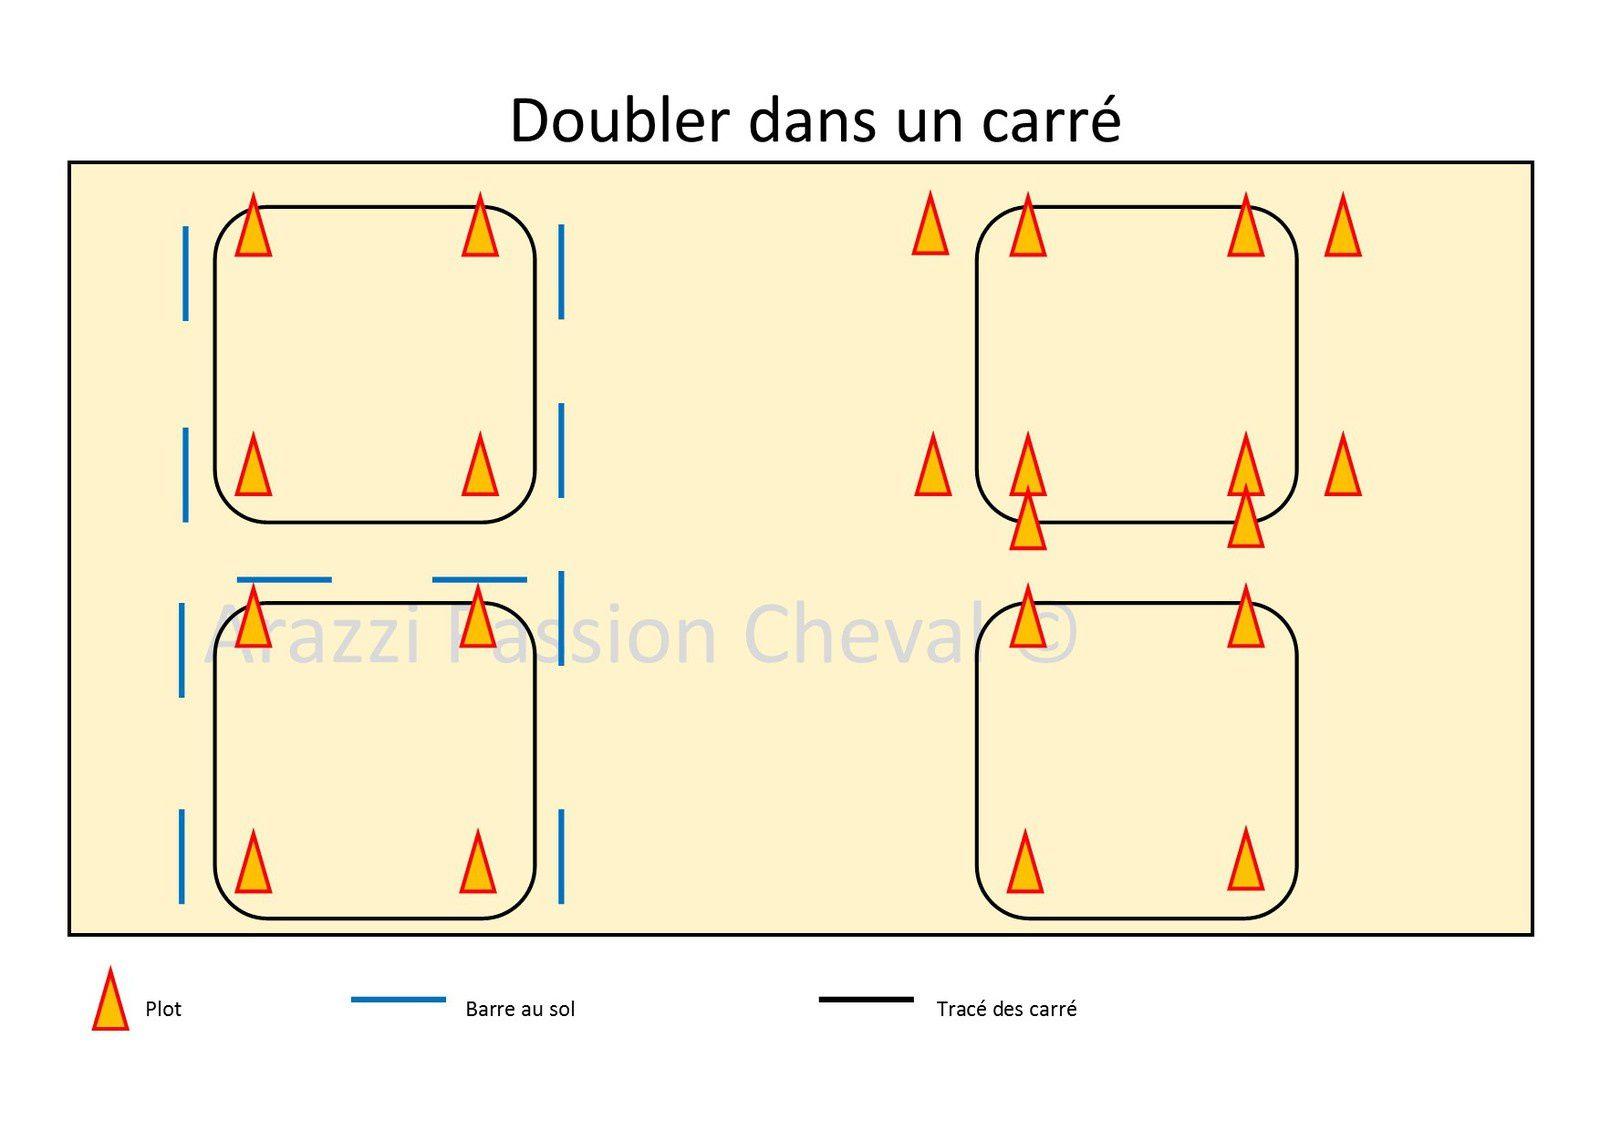 différents dispositif pour le travail des doubler dans un carré